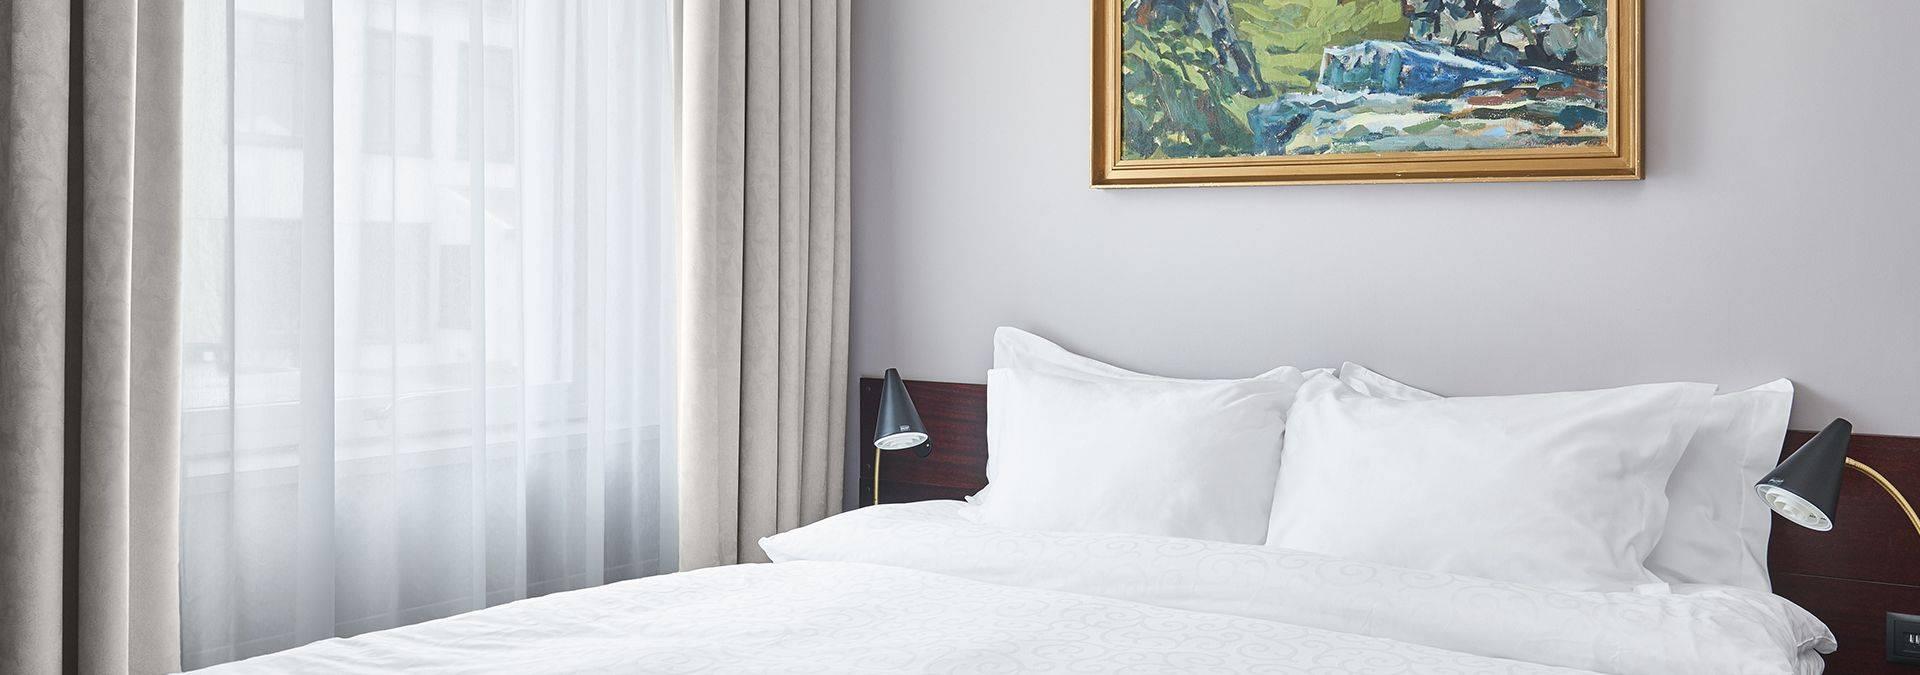 Hotel Holt Room Junior 01 1920x1000